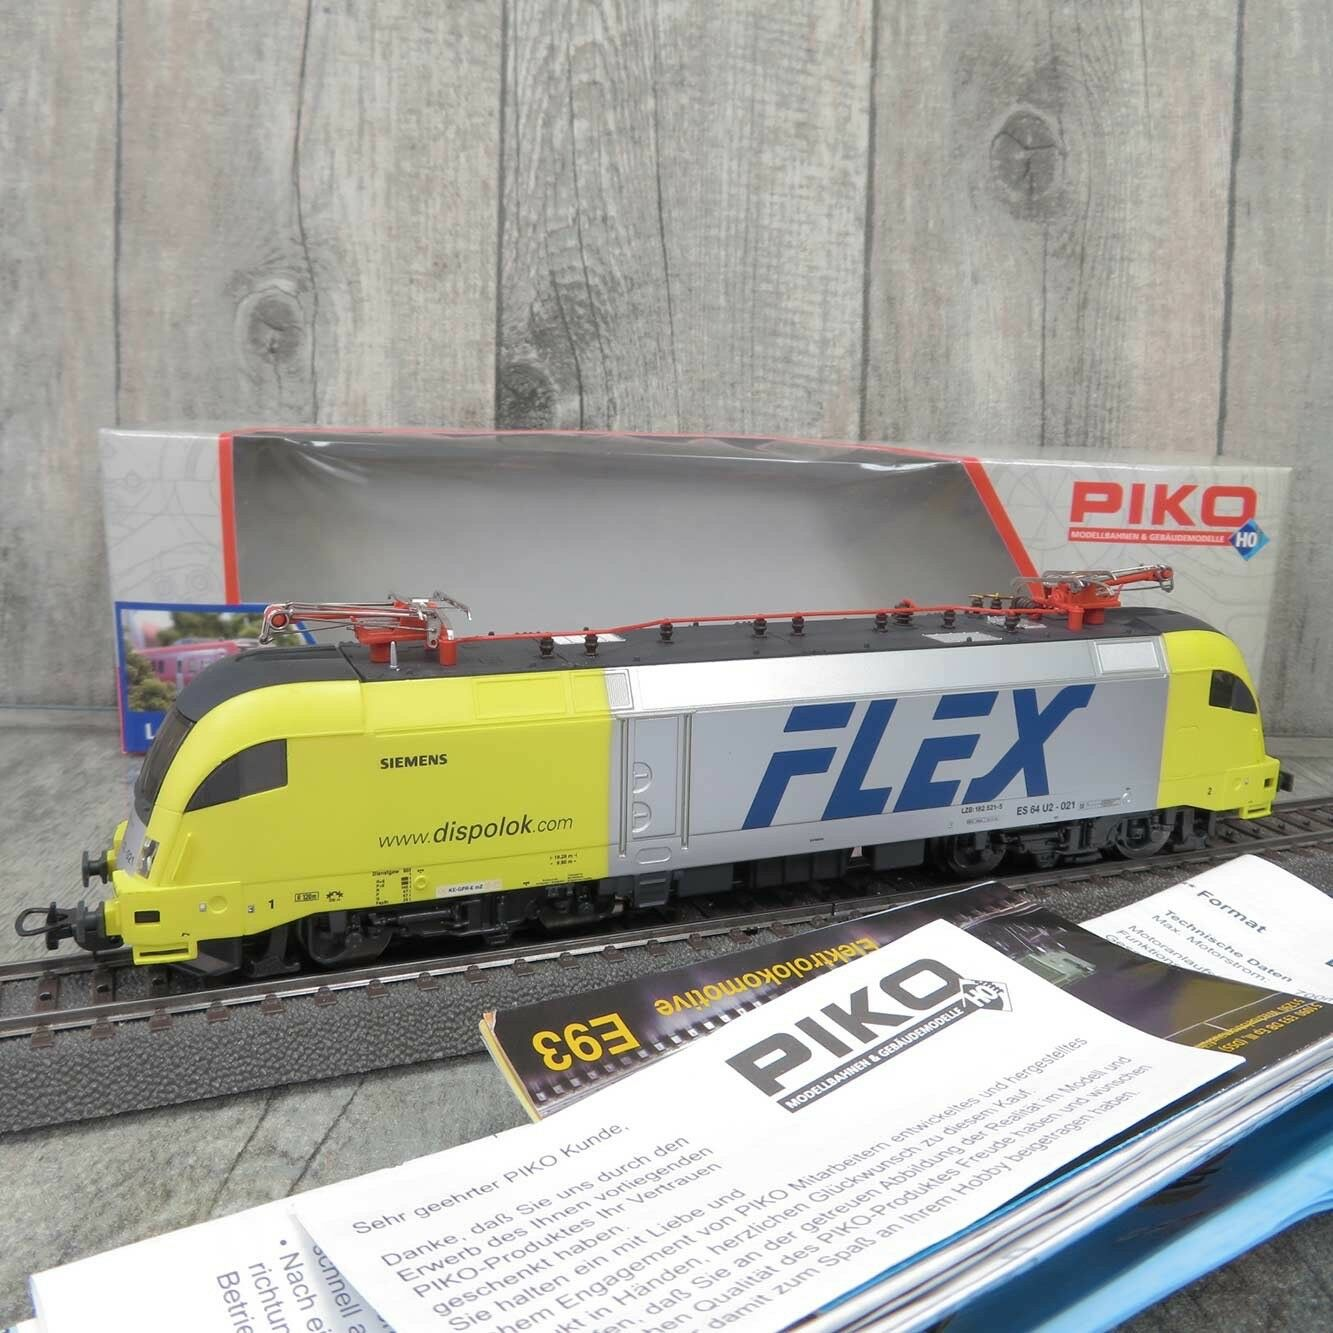 PIKO 57225  f. AC - HO - Dispolok FLEX  182521-5 - DIGITAL - OVP -  Y20857